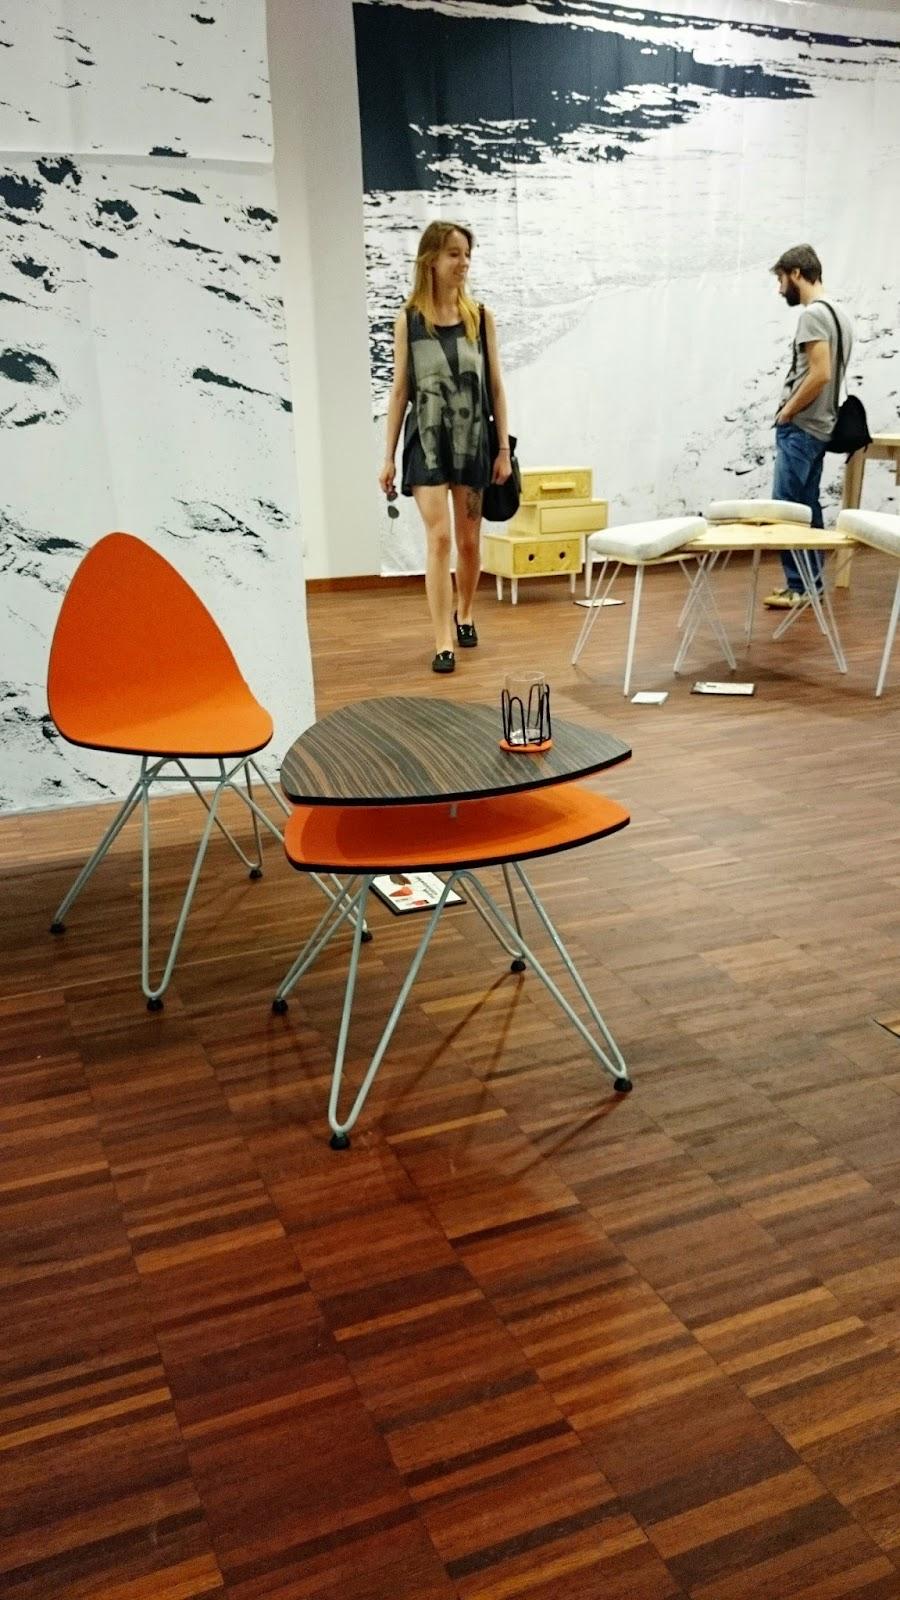 pomarańczowy komplet,stolik kawowy w kolorze pomarańczowym,nowoczesne krzesełko,design,drewno kolorowe,ekodesign,redesign,prototyp,GDD,Gdynia design days,spotkanie blogerów wnętrzarskich